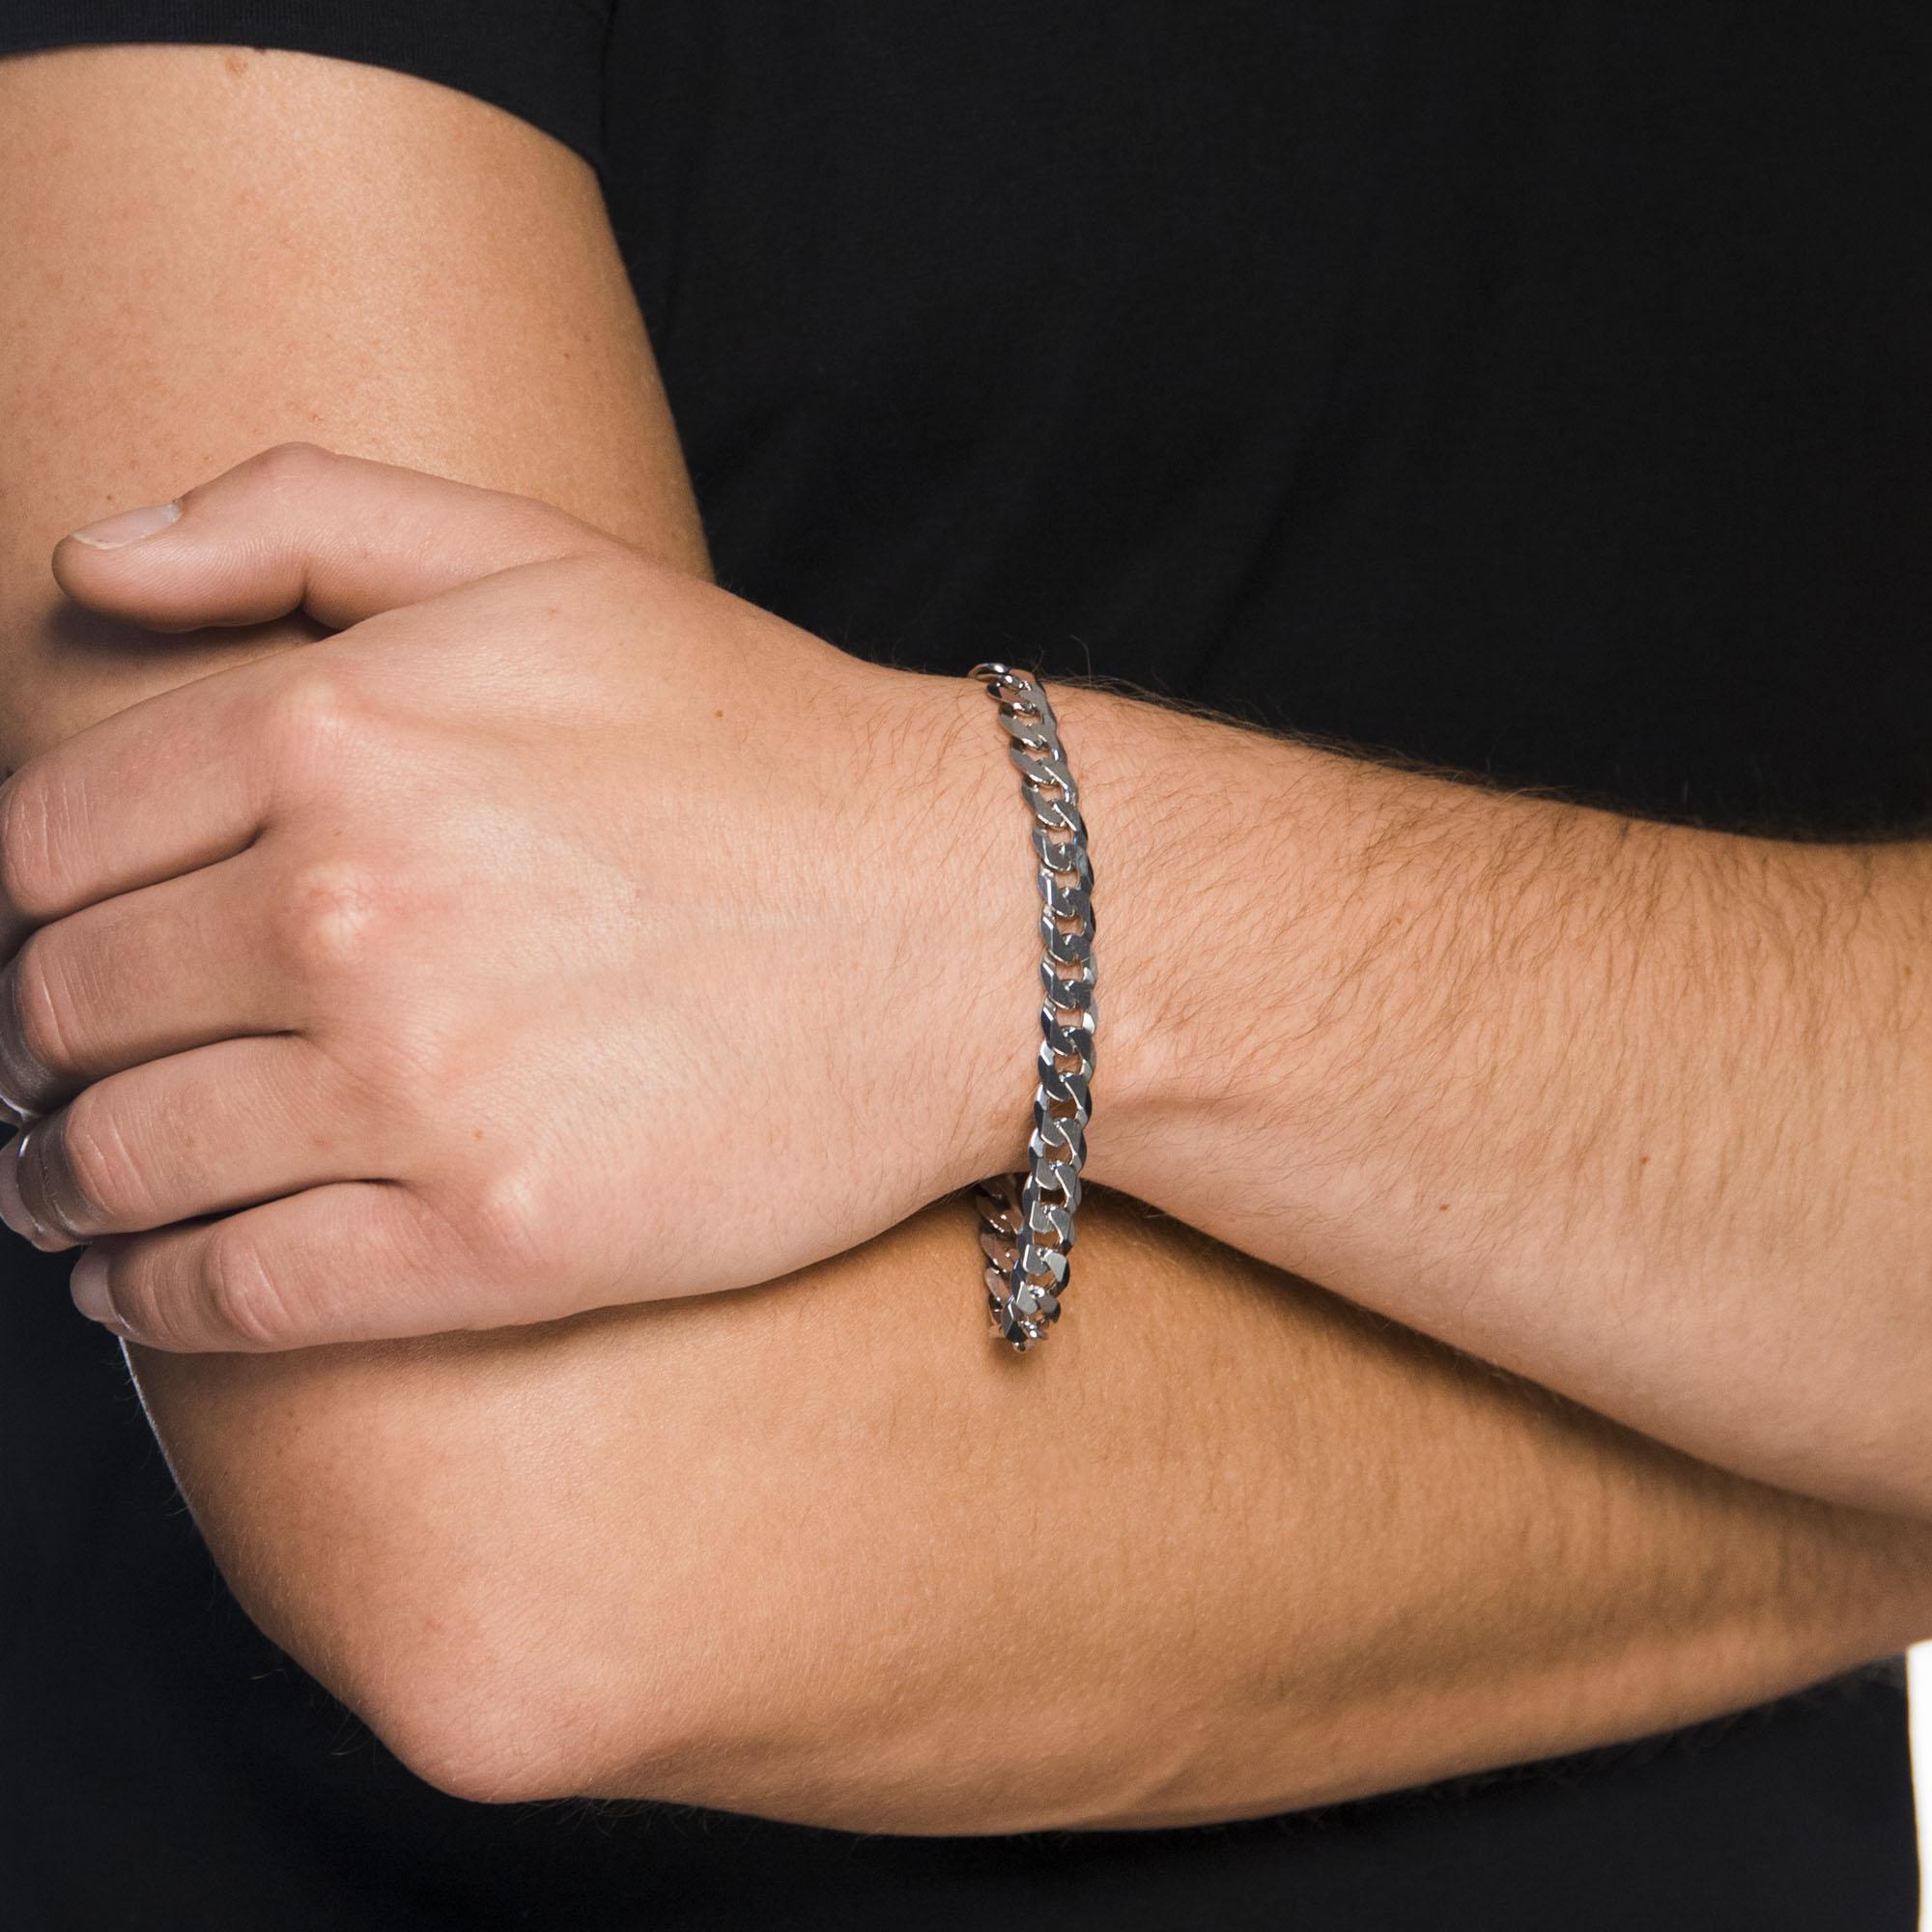 Paul Hewitt Schmuck Bei Juwelier Kraemer Vinpearl Baidai Info